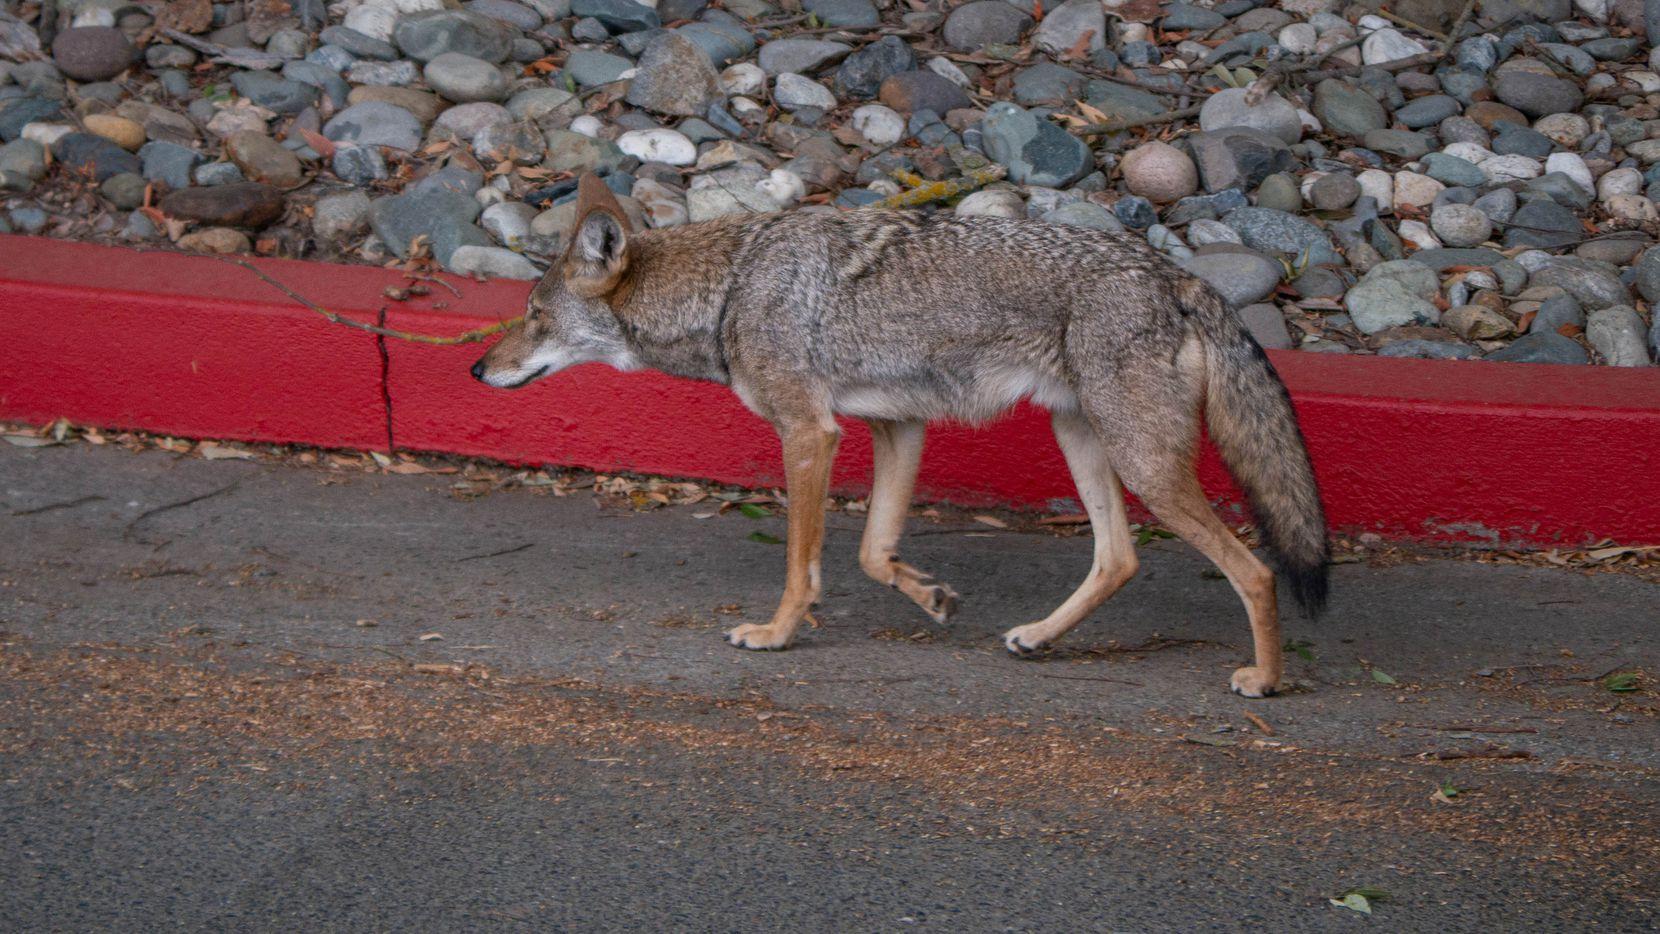 Habitantes de Frisco han reportado la presencia de coyotes cerca de viviendas o calles en esa ciudad.